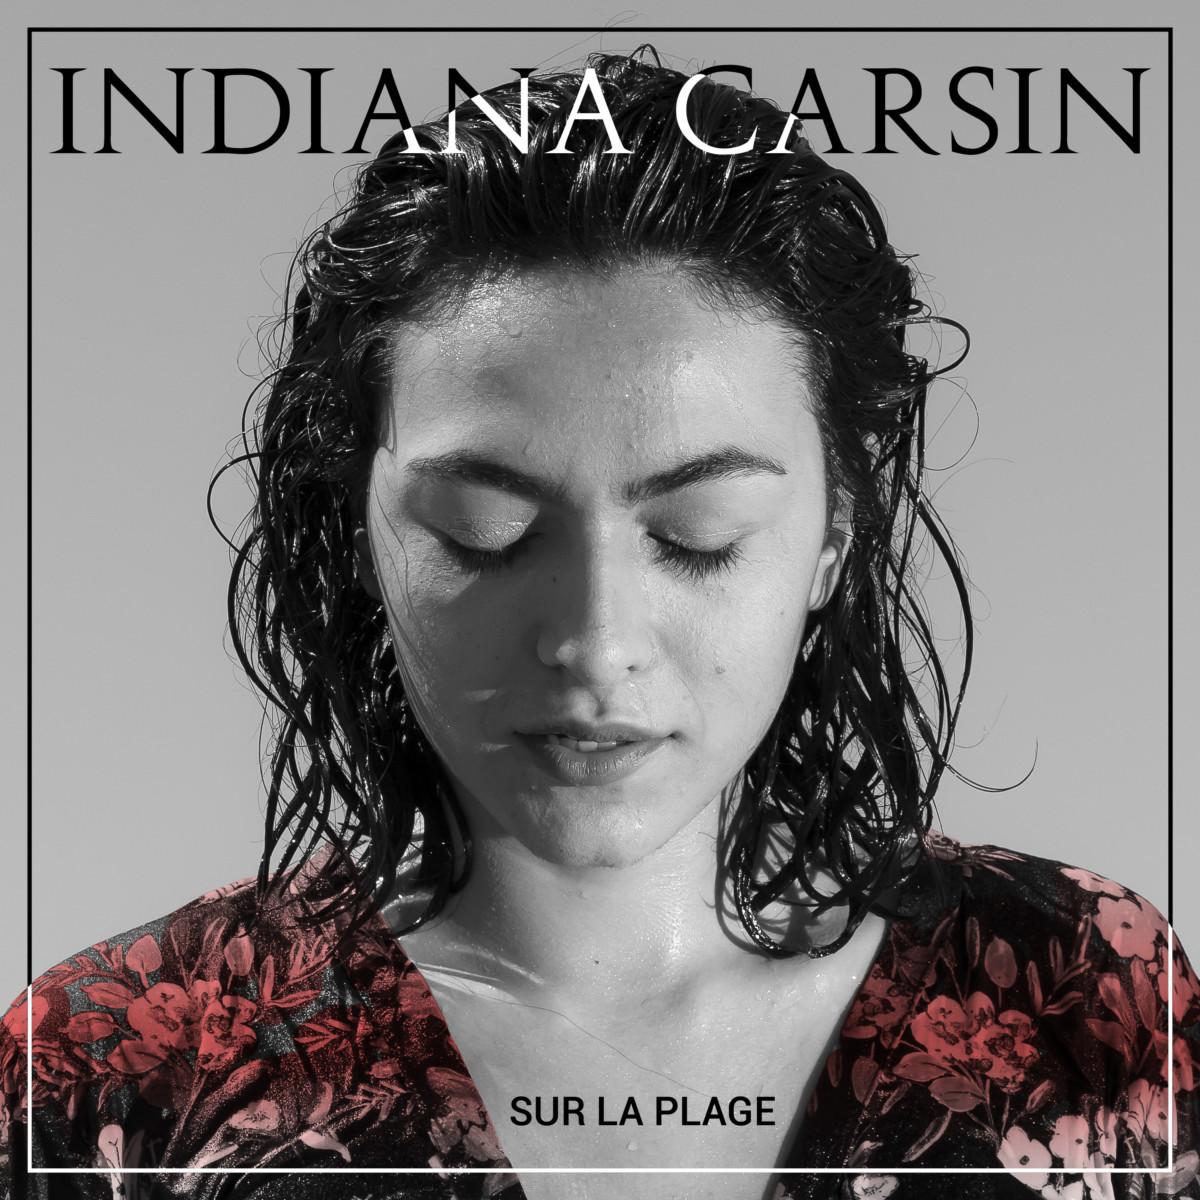 Indiana Carsin